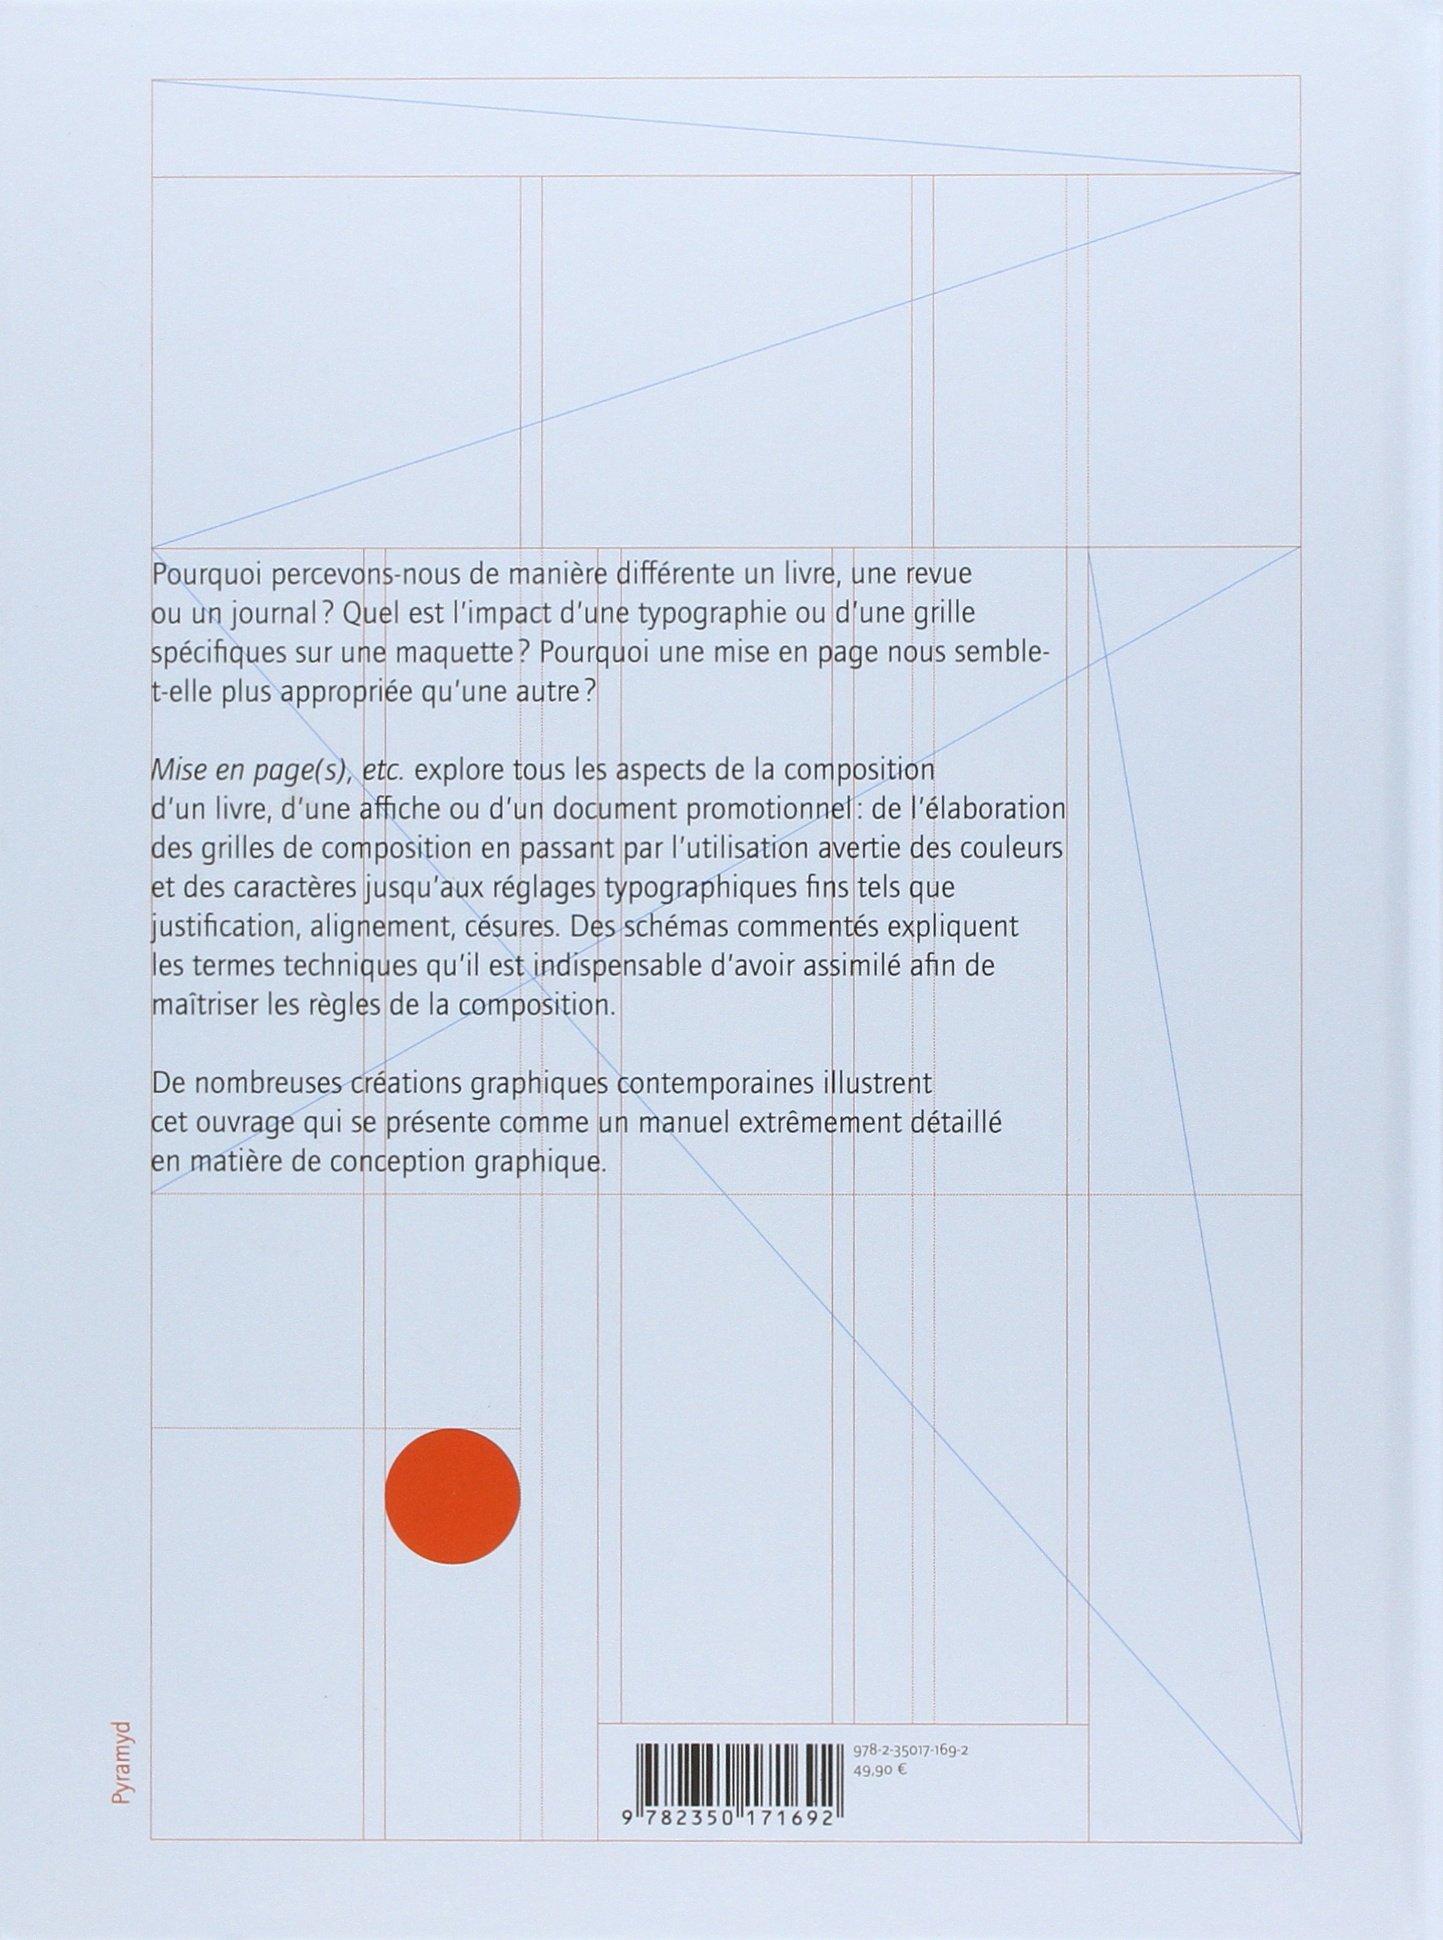 Super Amazon.fr - Mise en page (s), etc. Fondamentaux, éléments de base  ZJ77